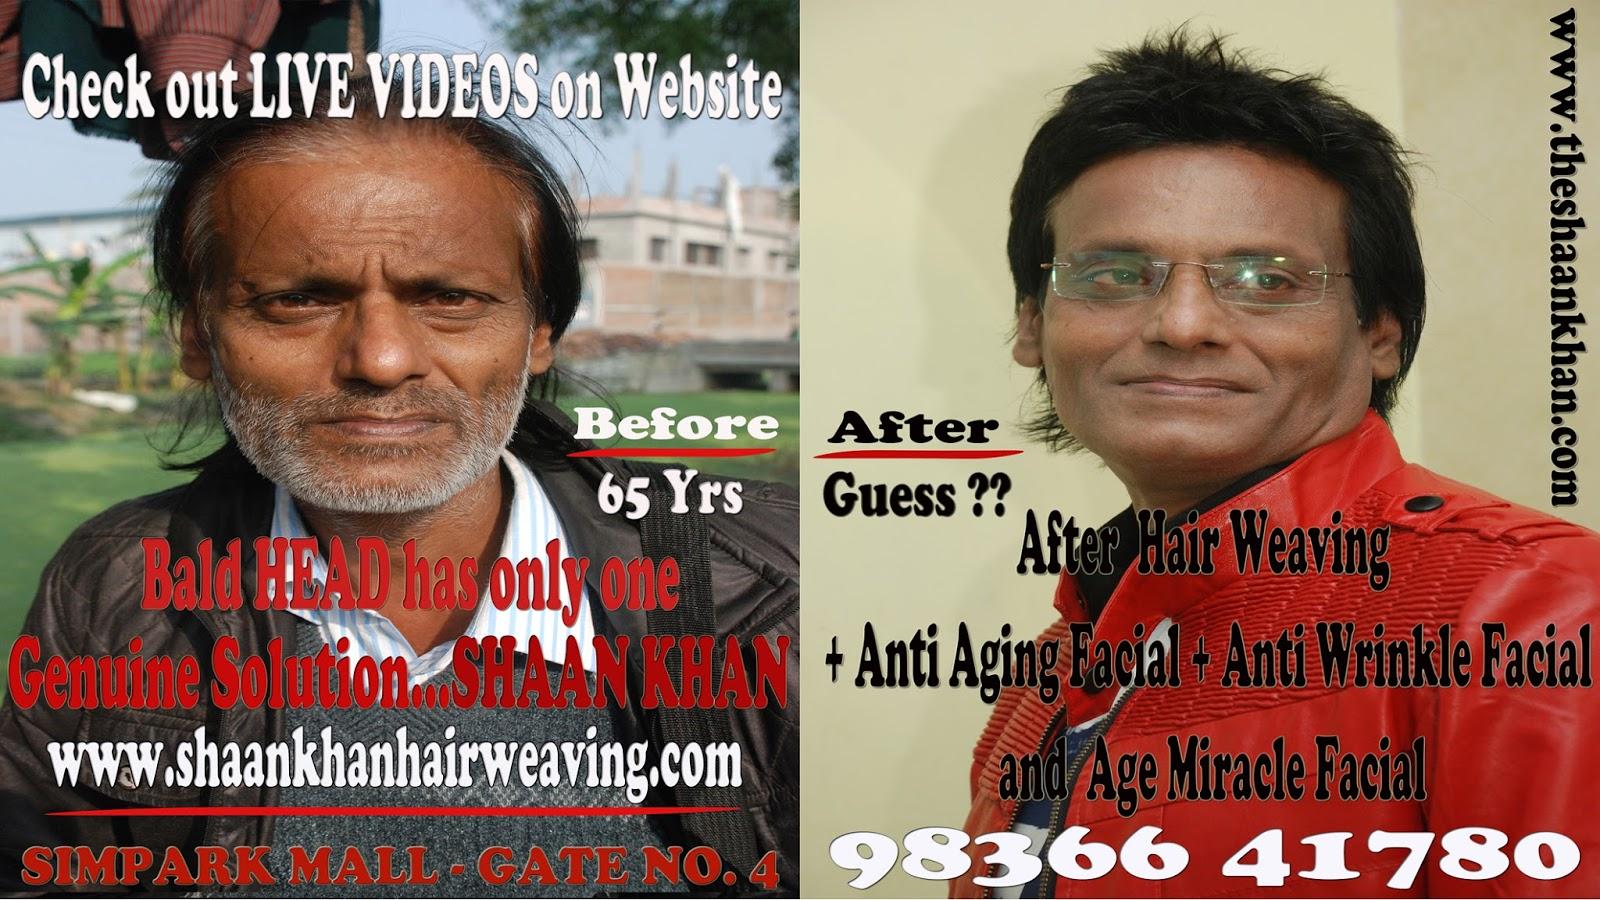 Hair Expert In Kolkata Shaan Khan About Hair Weaving Shaan Khan